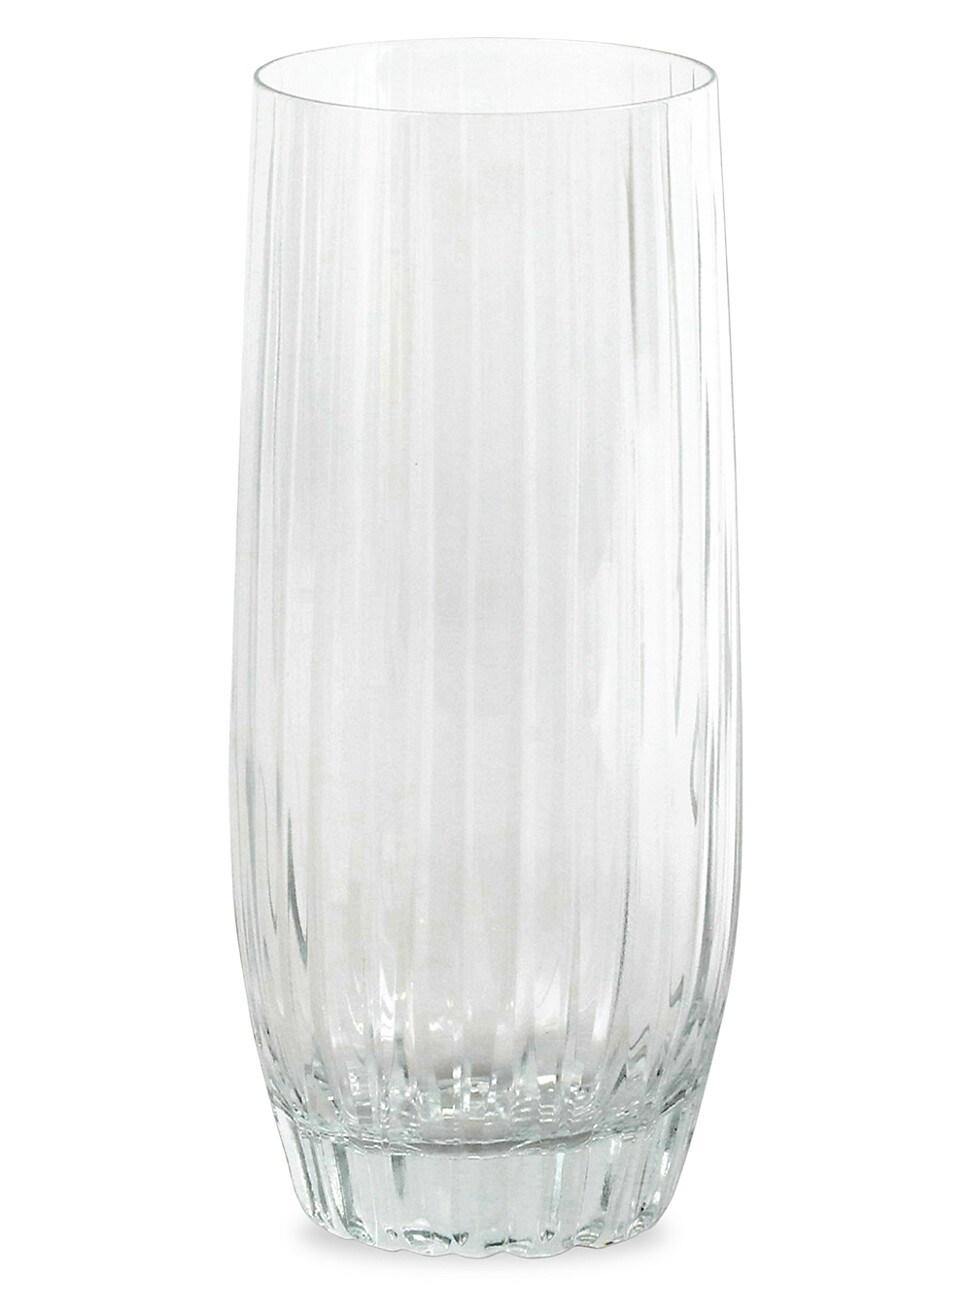 Vietri NATALIA HIGH BALL GLASS